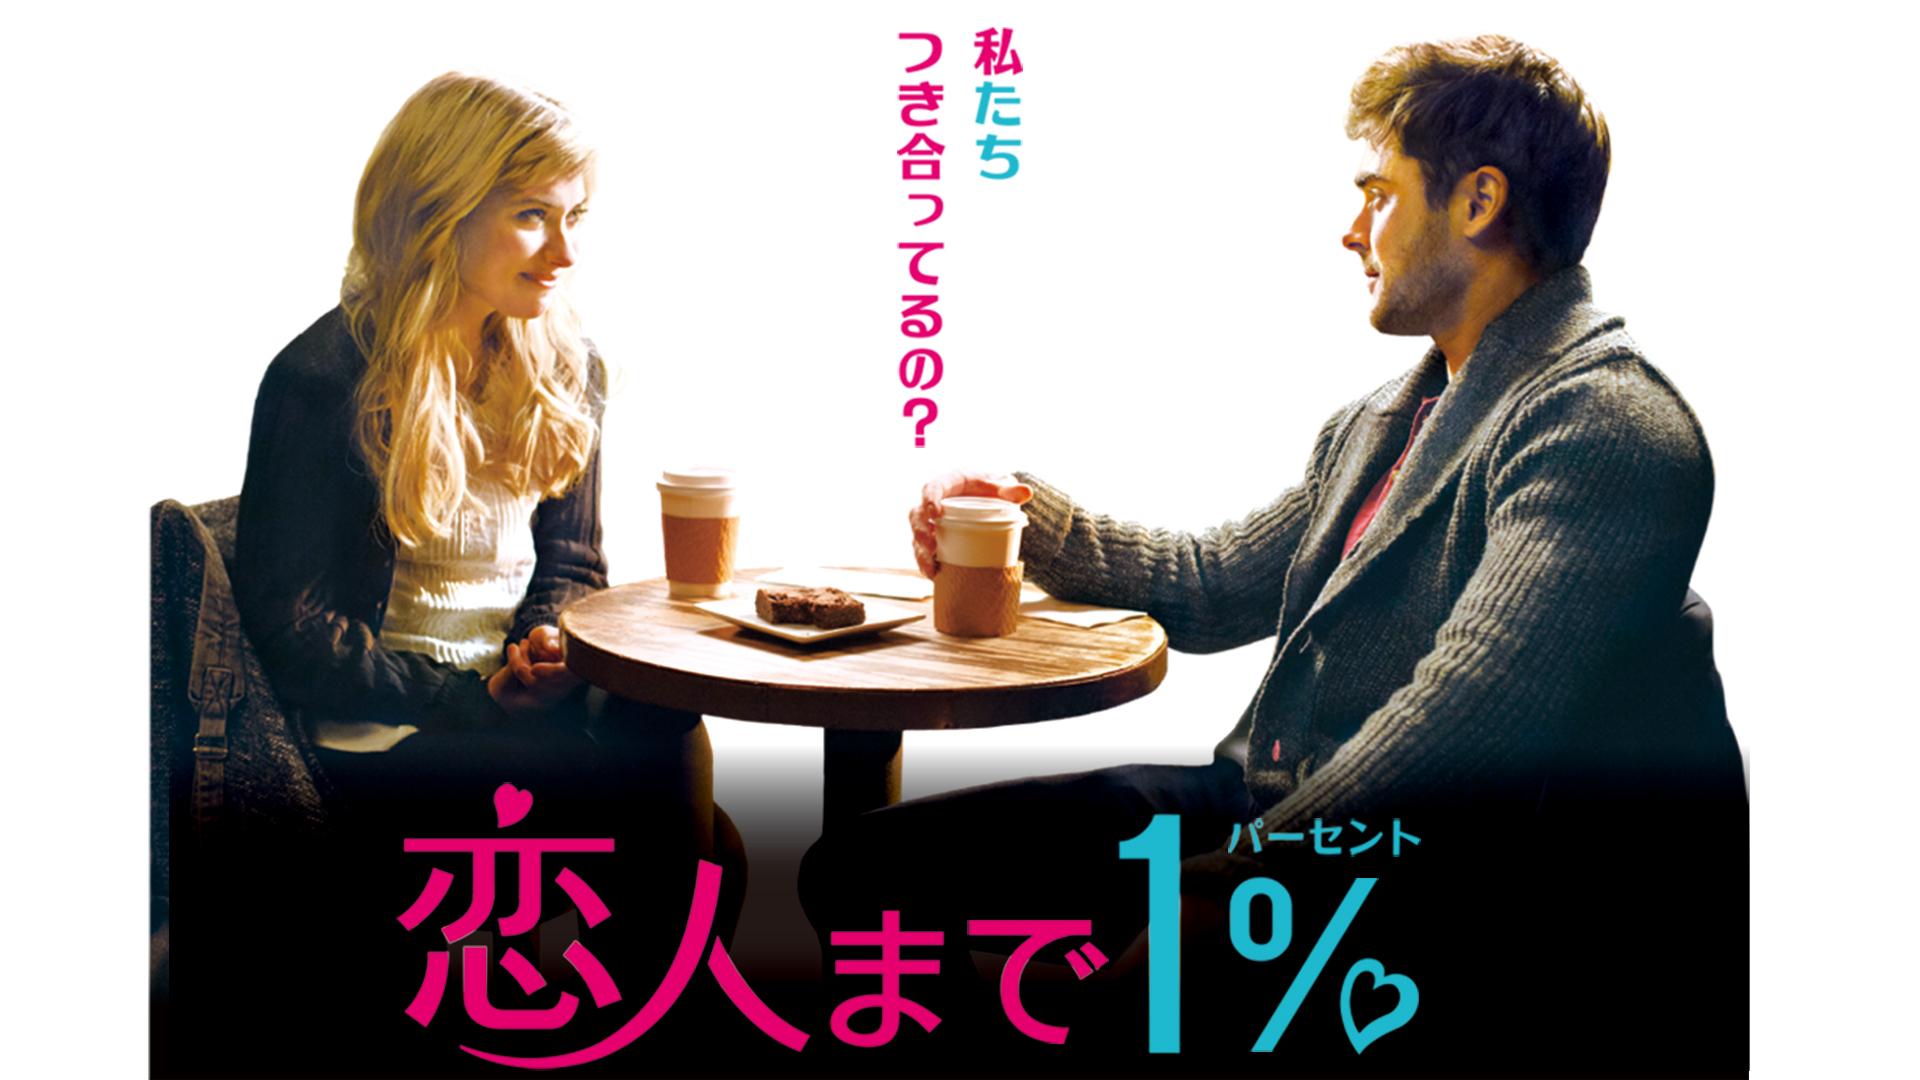 恋人まで1%